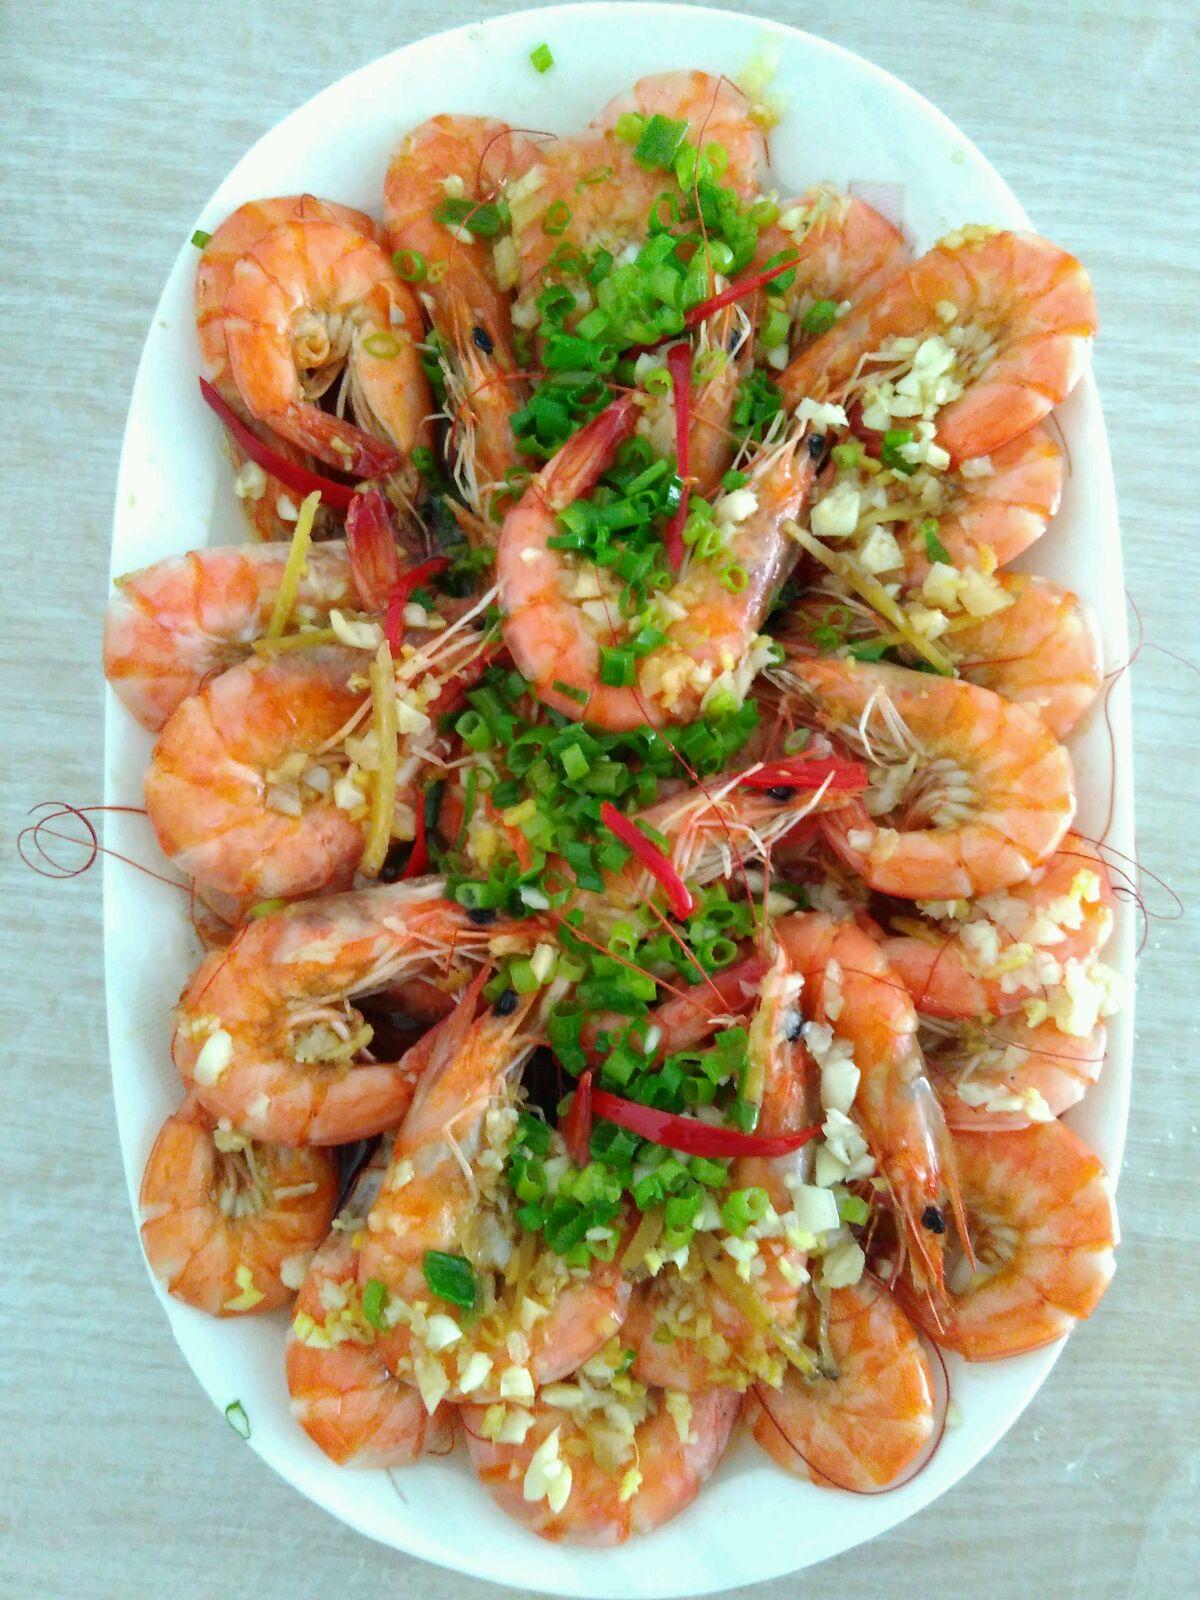 清蒸大虾的做法_【图解】清蒸大虾怎么做如何做好吃